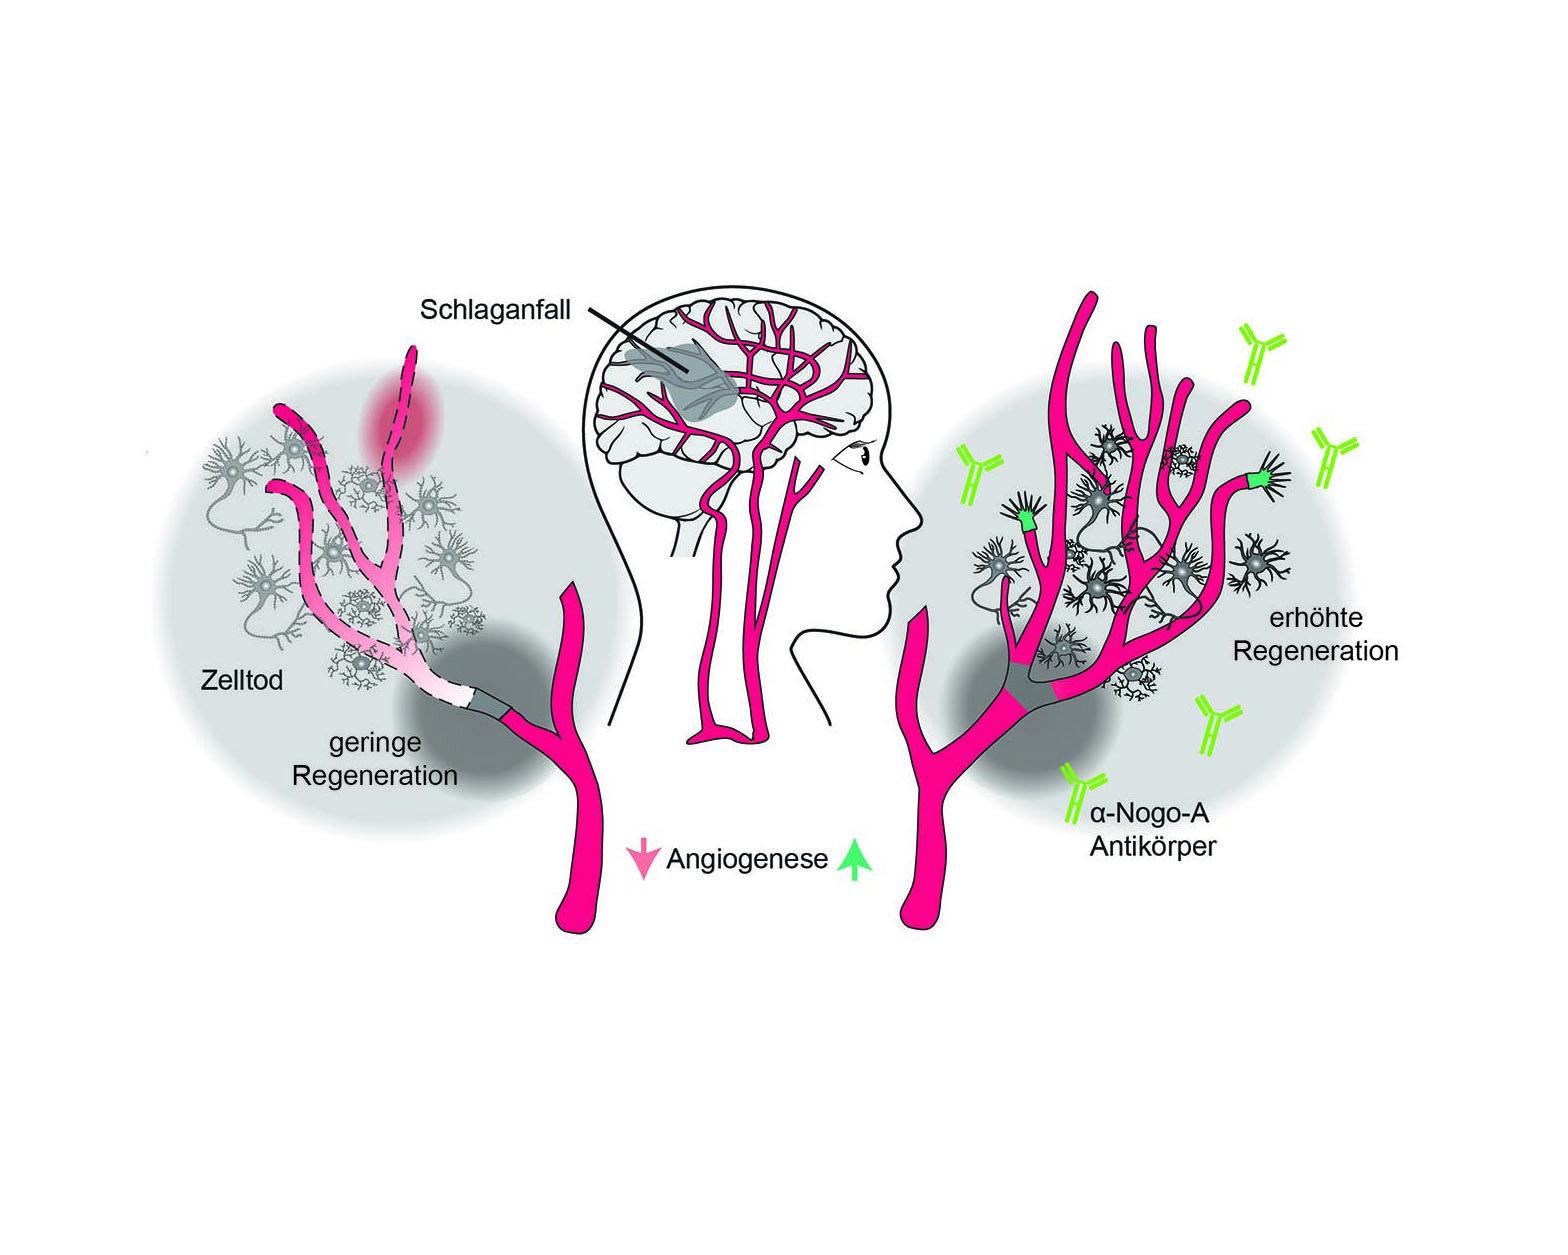 Neue Therapie fördert die vaskuläre Reparatur nach Schlaganfall